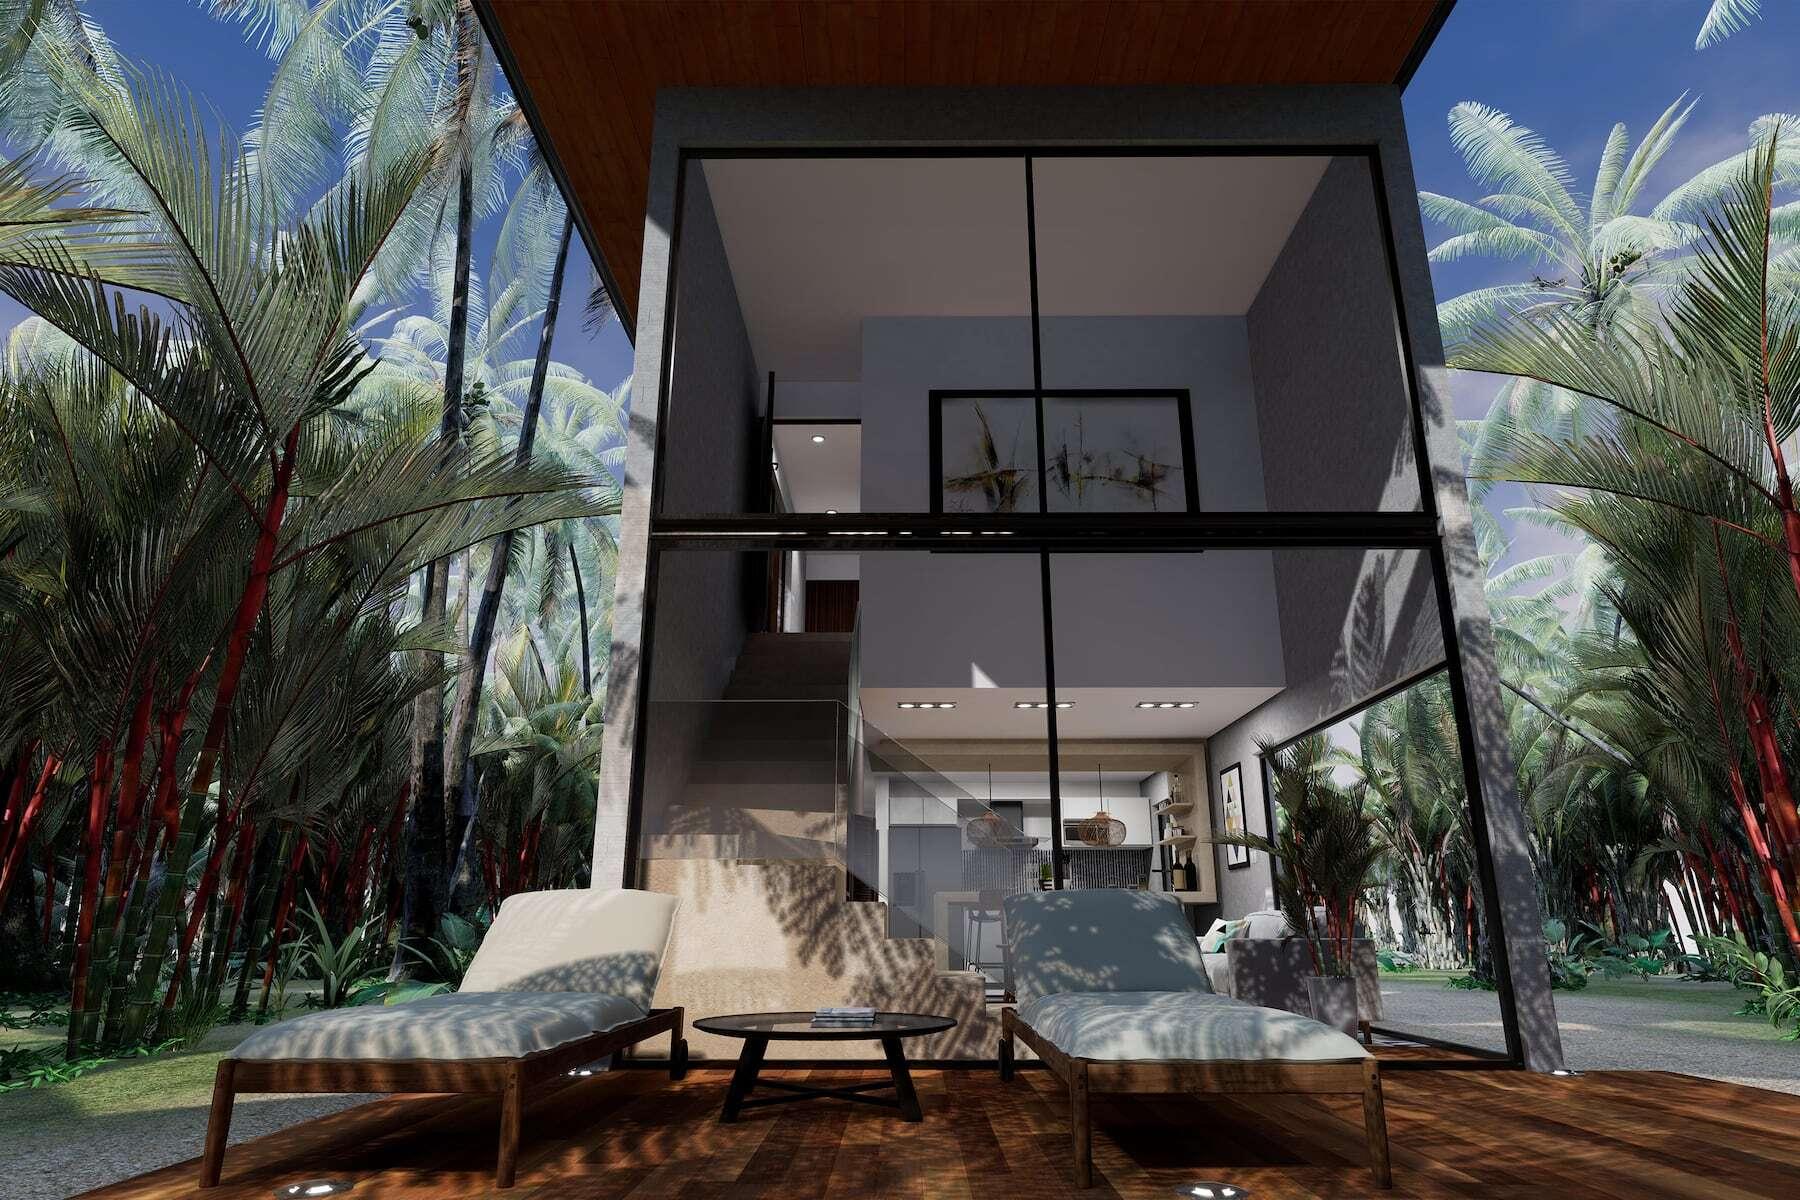 wyndham-hotel-resorts-aumenta-su-presencia-en-méxico-1-alt